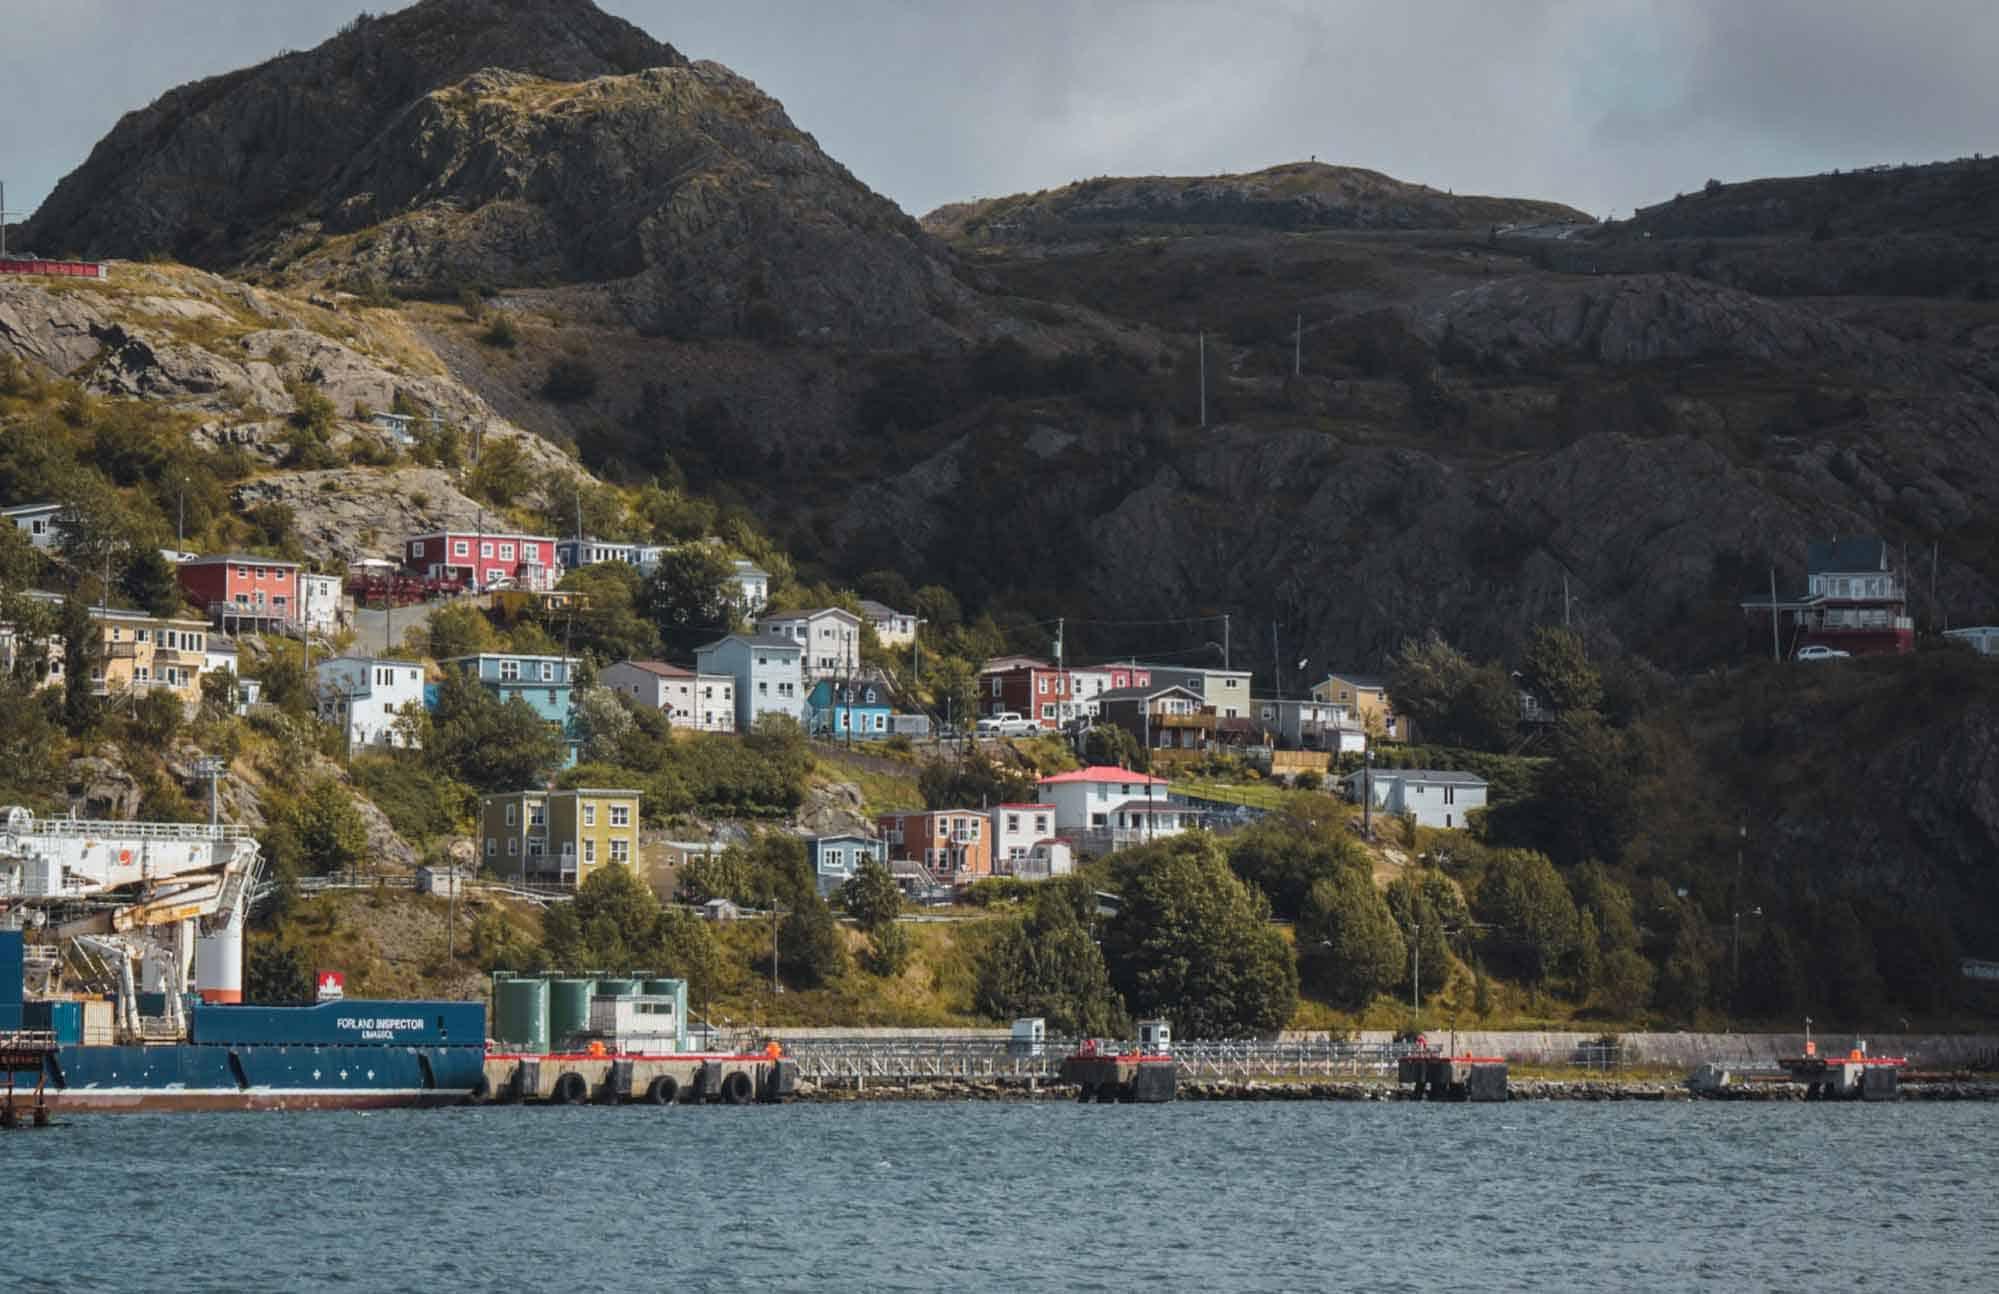 Newfoundland, GMC